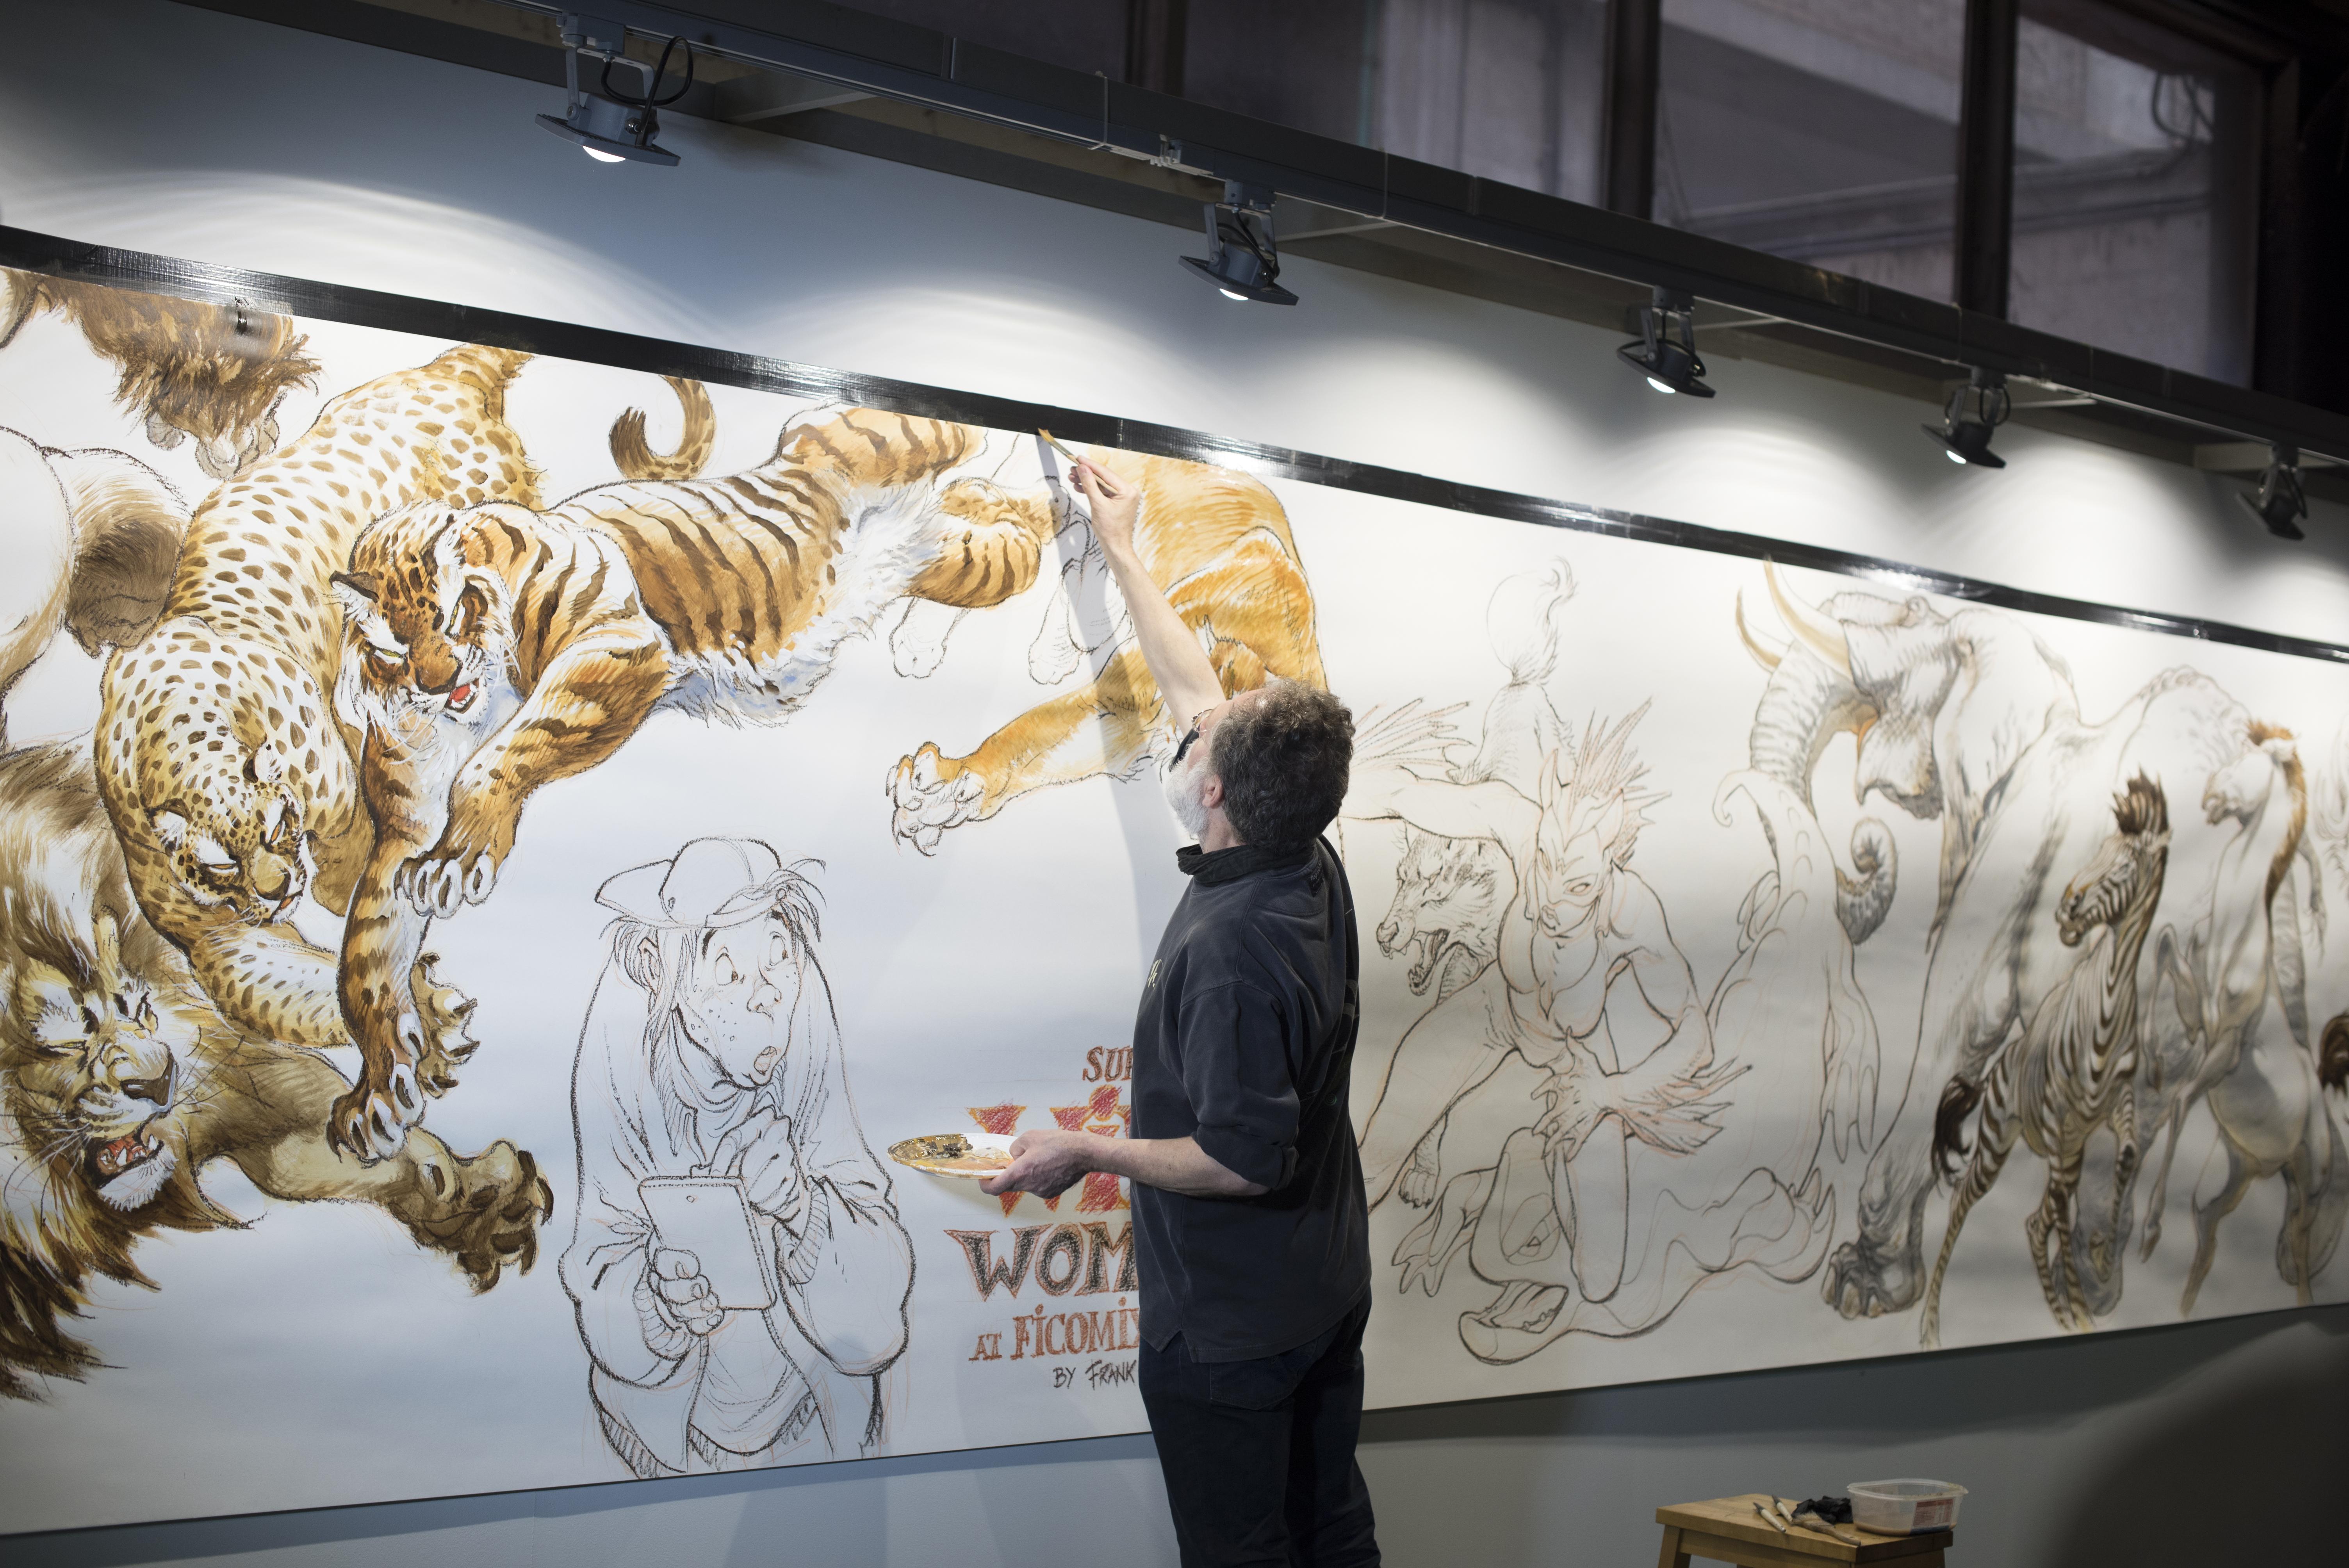 El belga Frank Pé dibujando un mural en vivo.